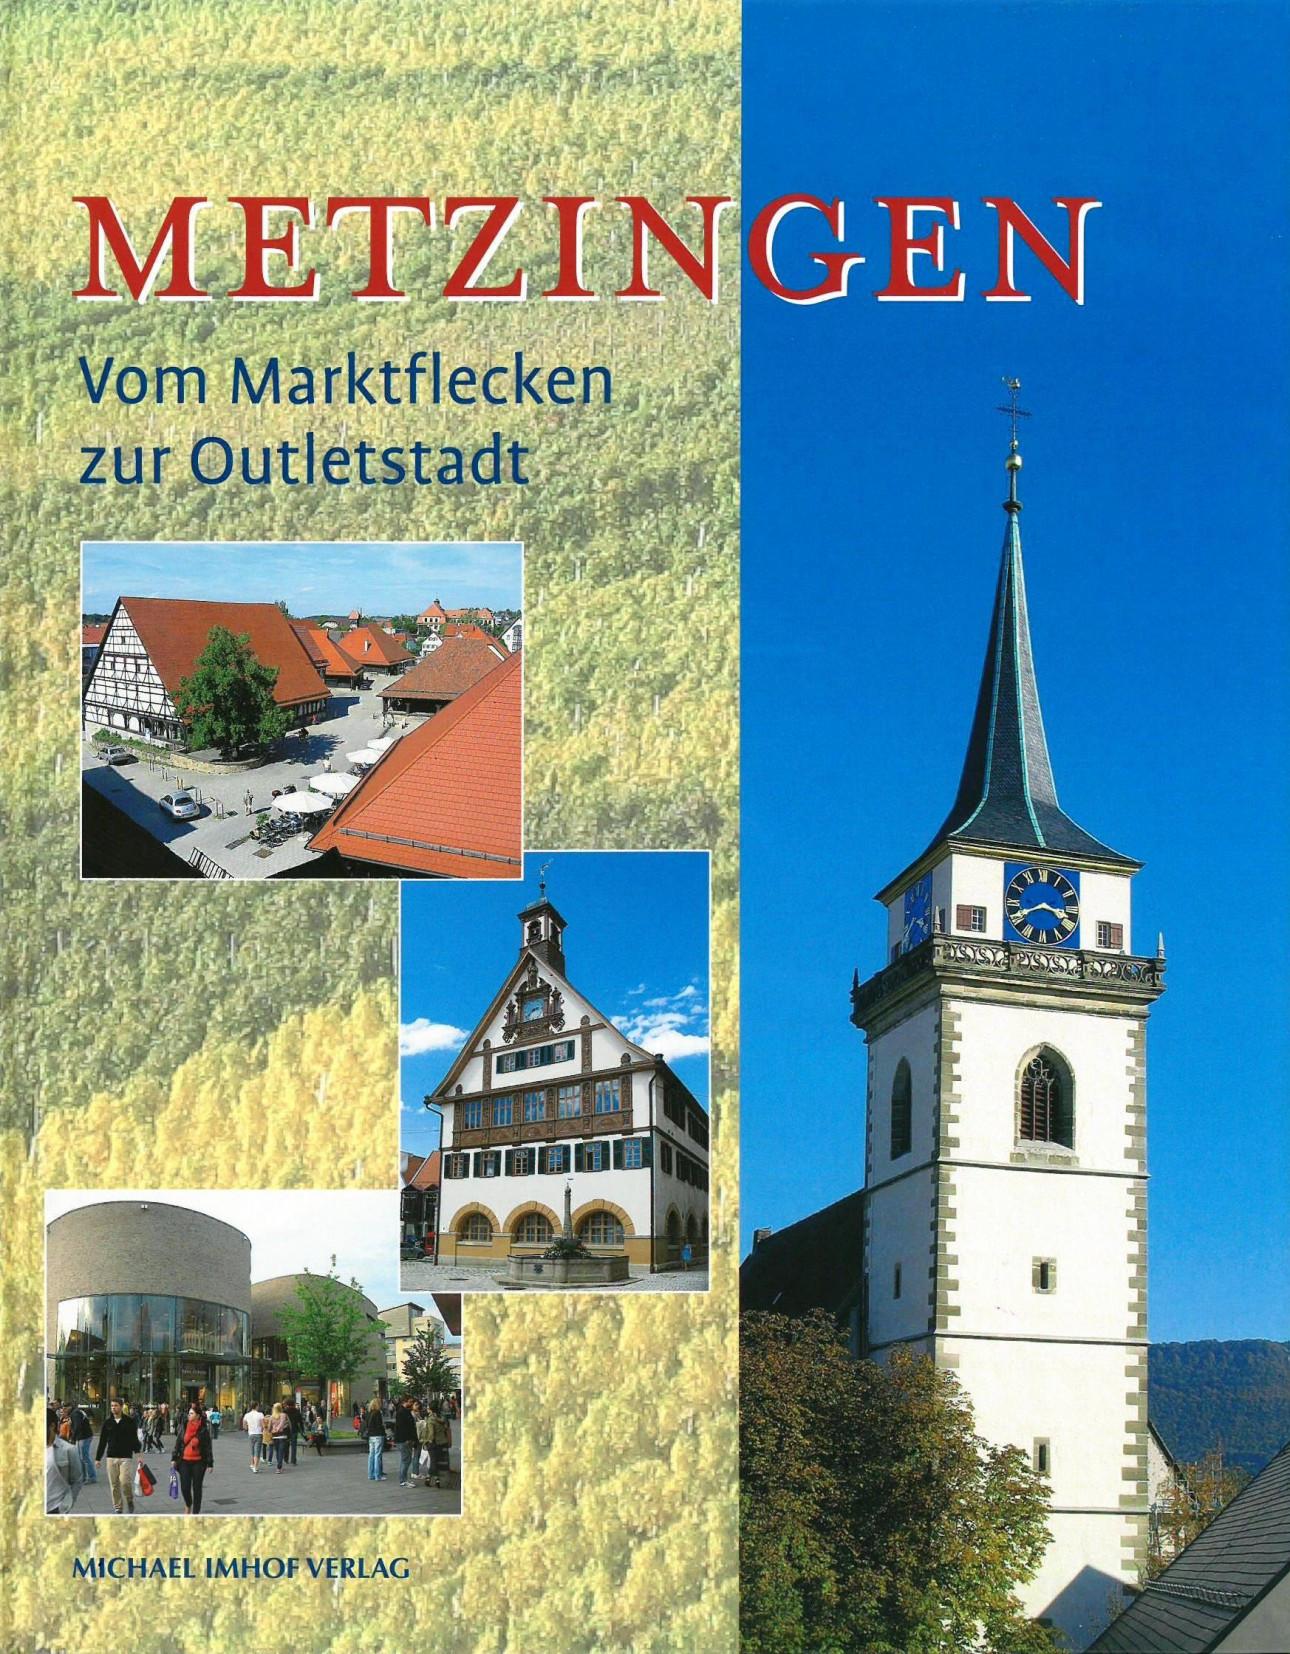 Stadtgeschichte Metzingen Umschlagseite